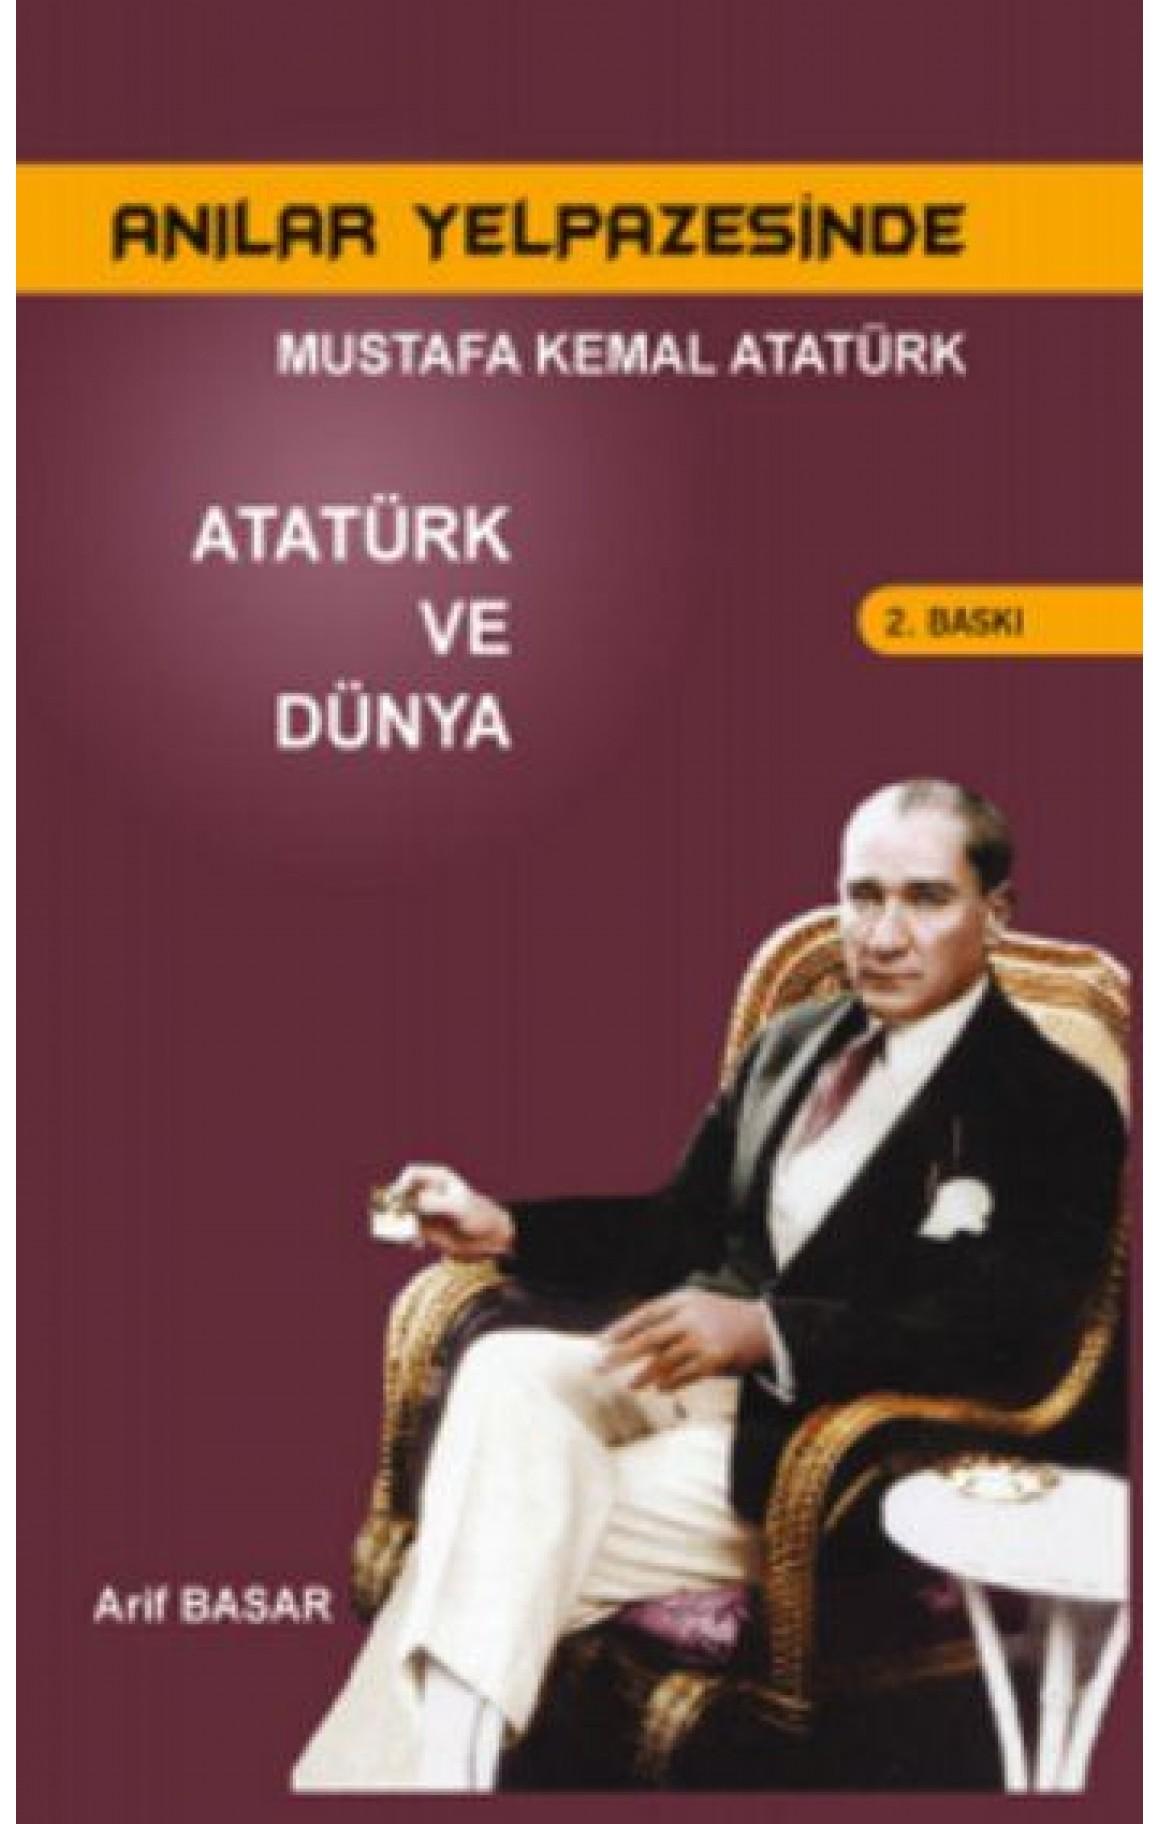 Mustafa Kemal Atatürk Atatürk ve Dünya